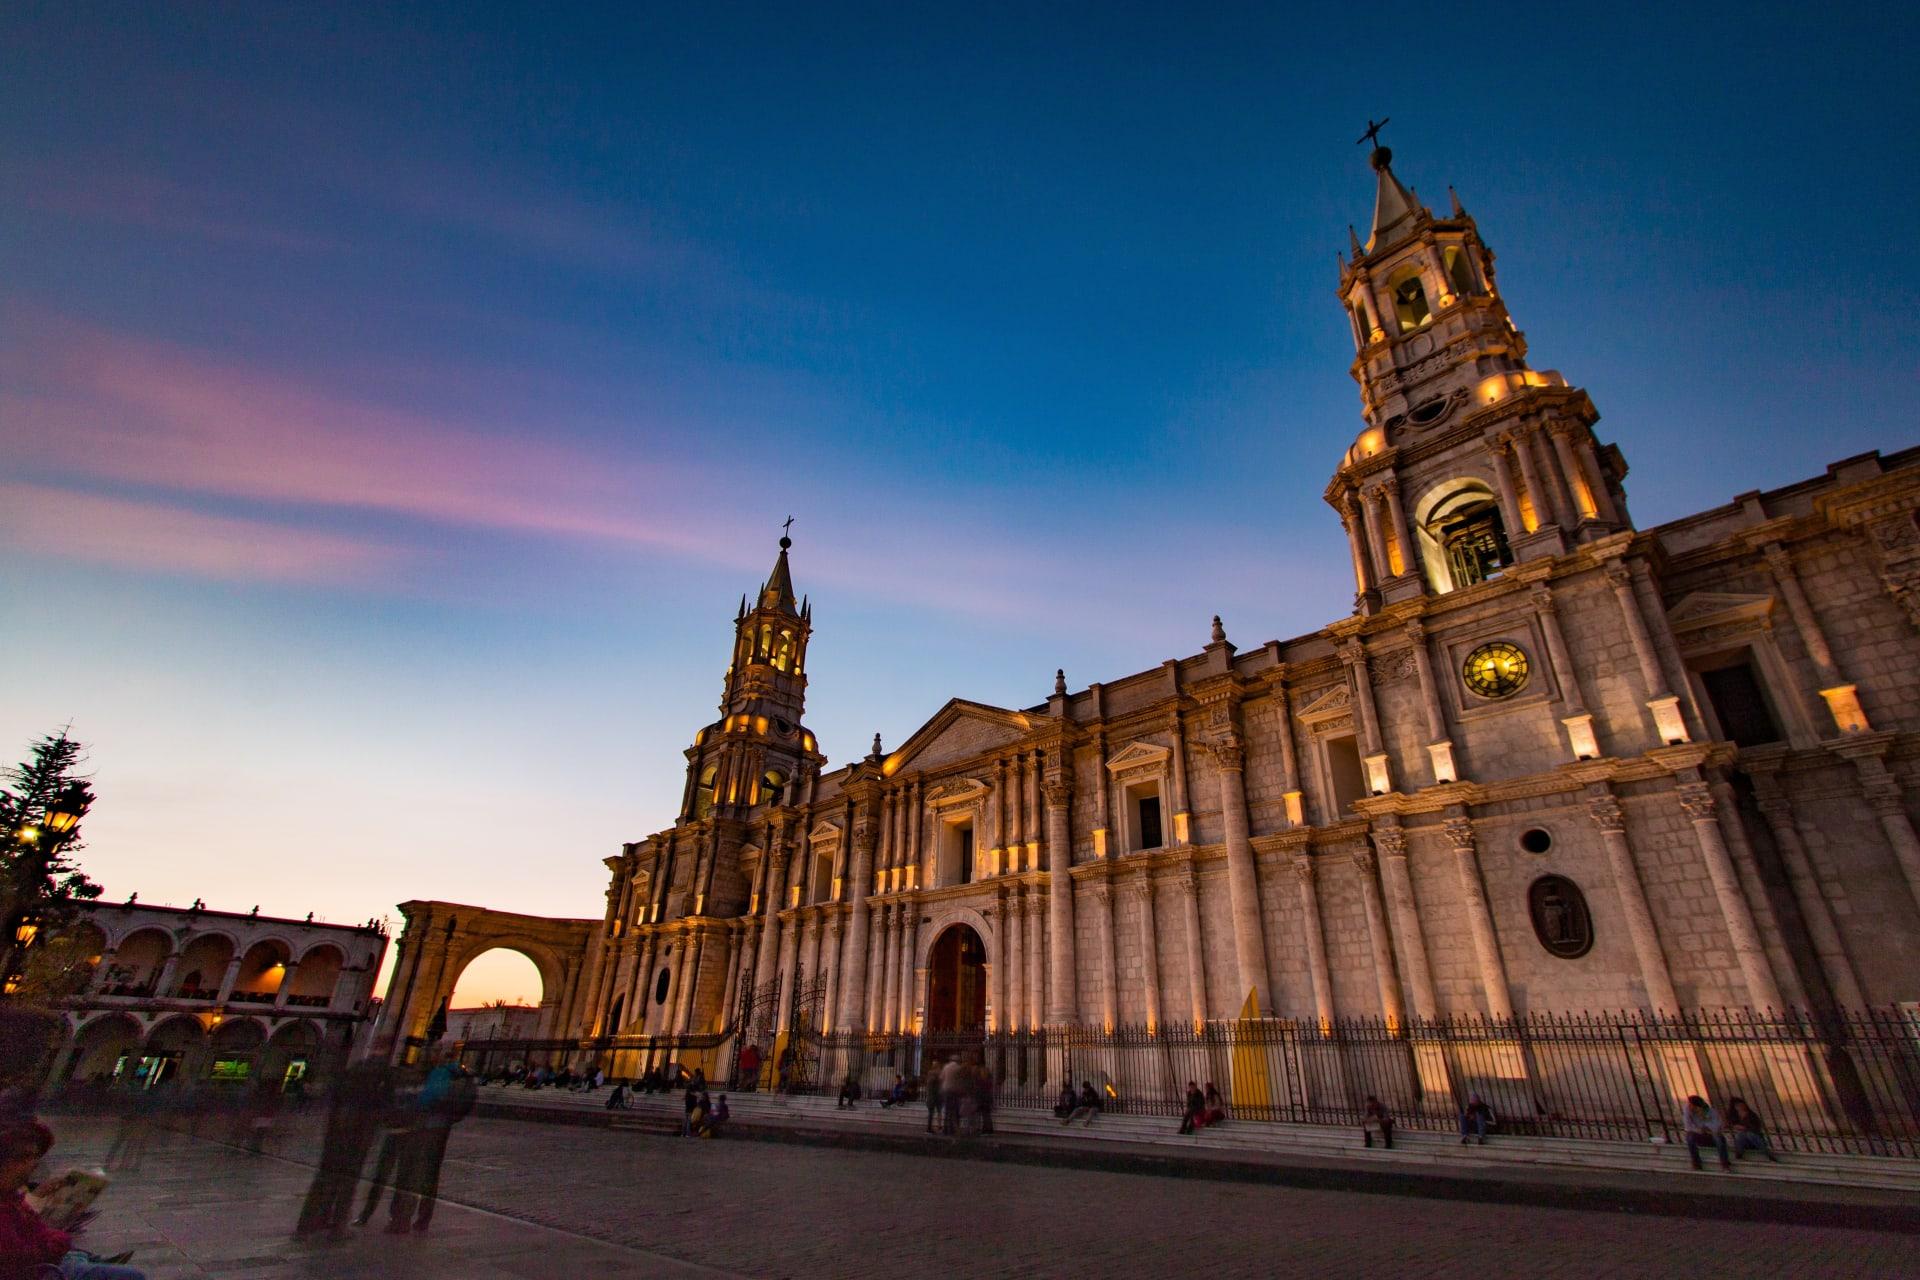 Arequipa - Aniversary of Arequipa City(Celebrations)